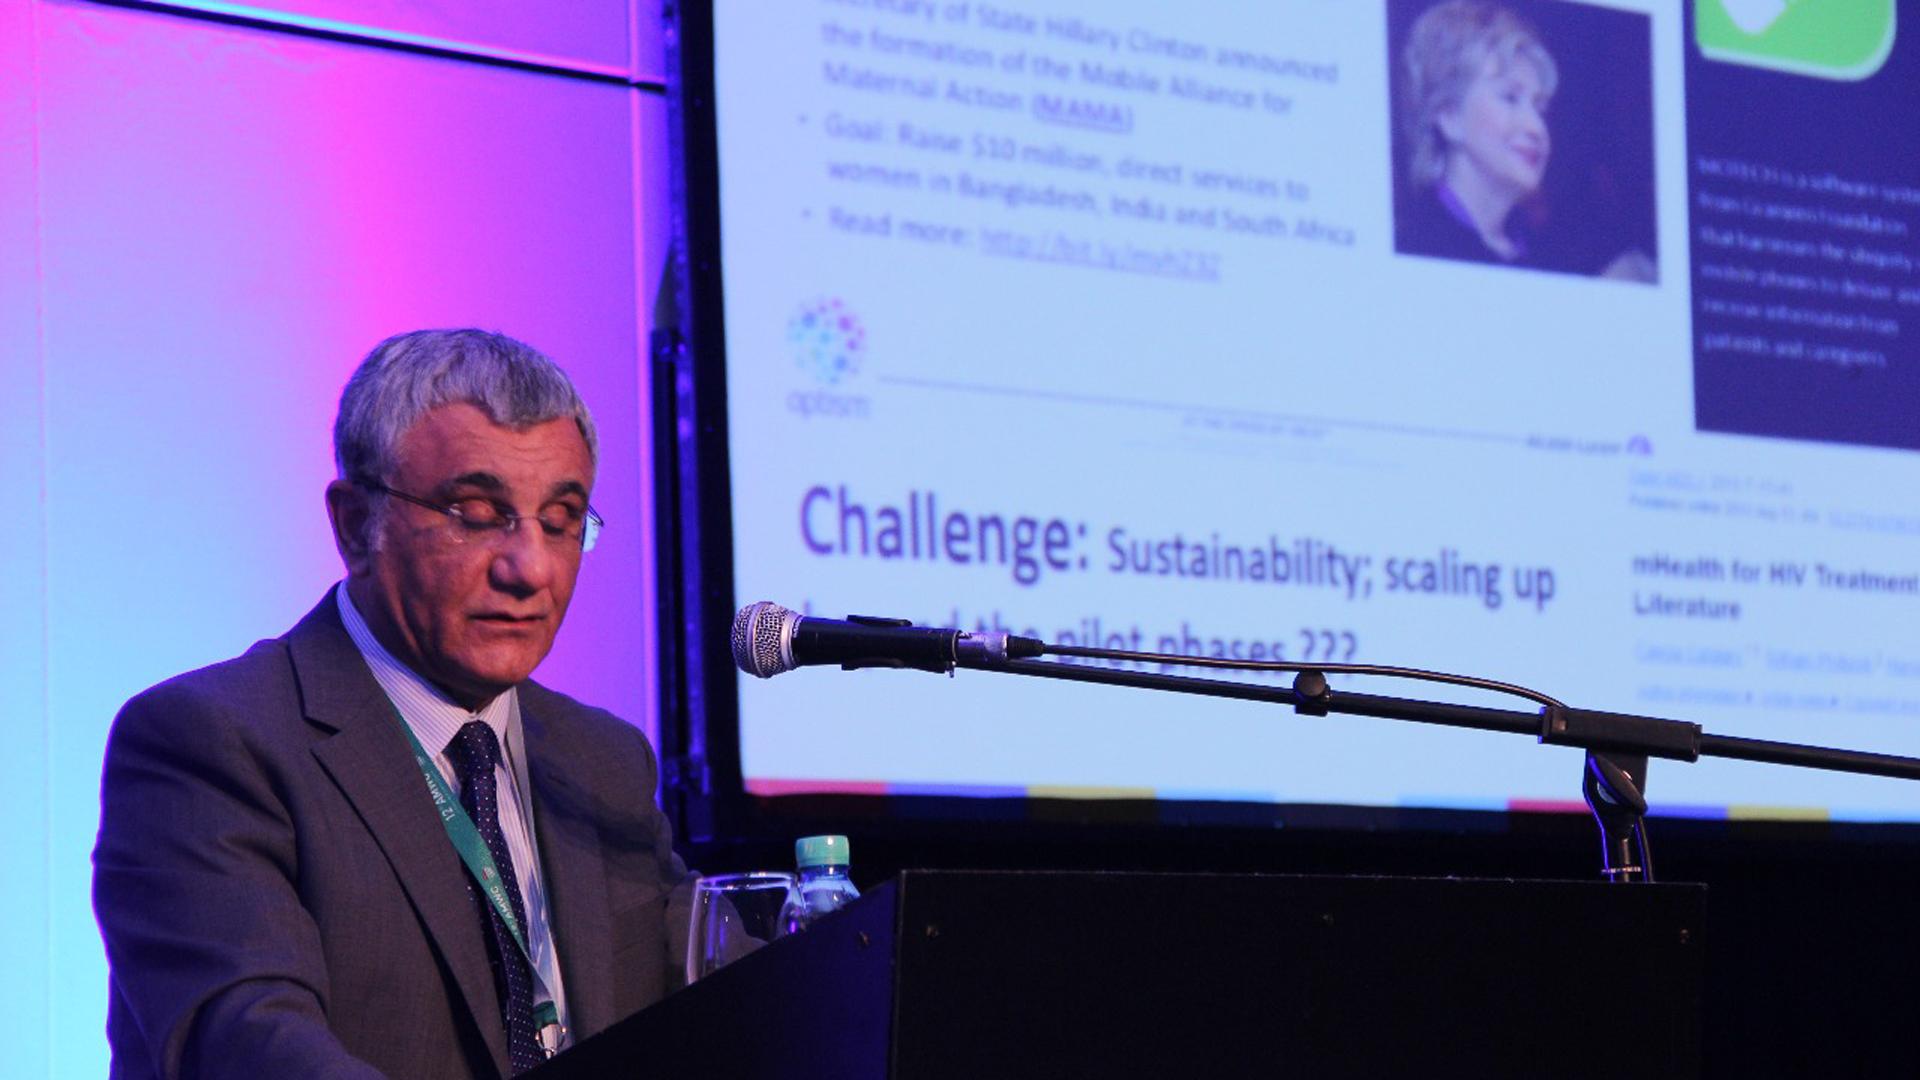 """Profesor Robert Istepanian, """"m-healthologist"""", académico en el Departamento de Ingeniería Eléctrica y Electrónica del Imperial College de Londres y creador de la idea de """"Salud 4G"""" (Francesco Garabello)"""